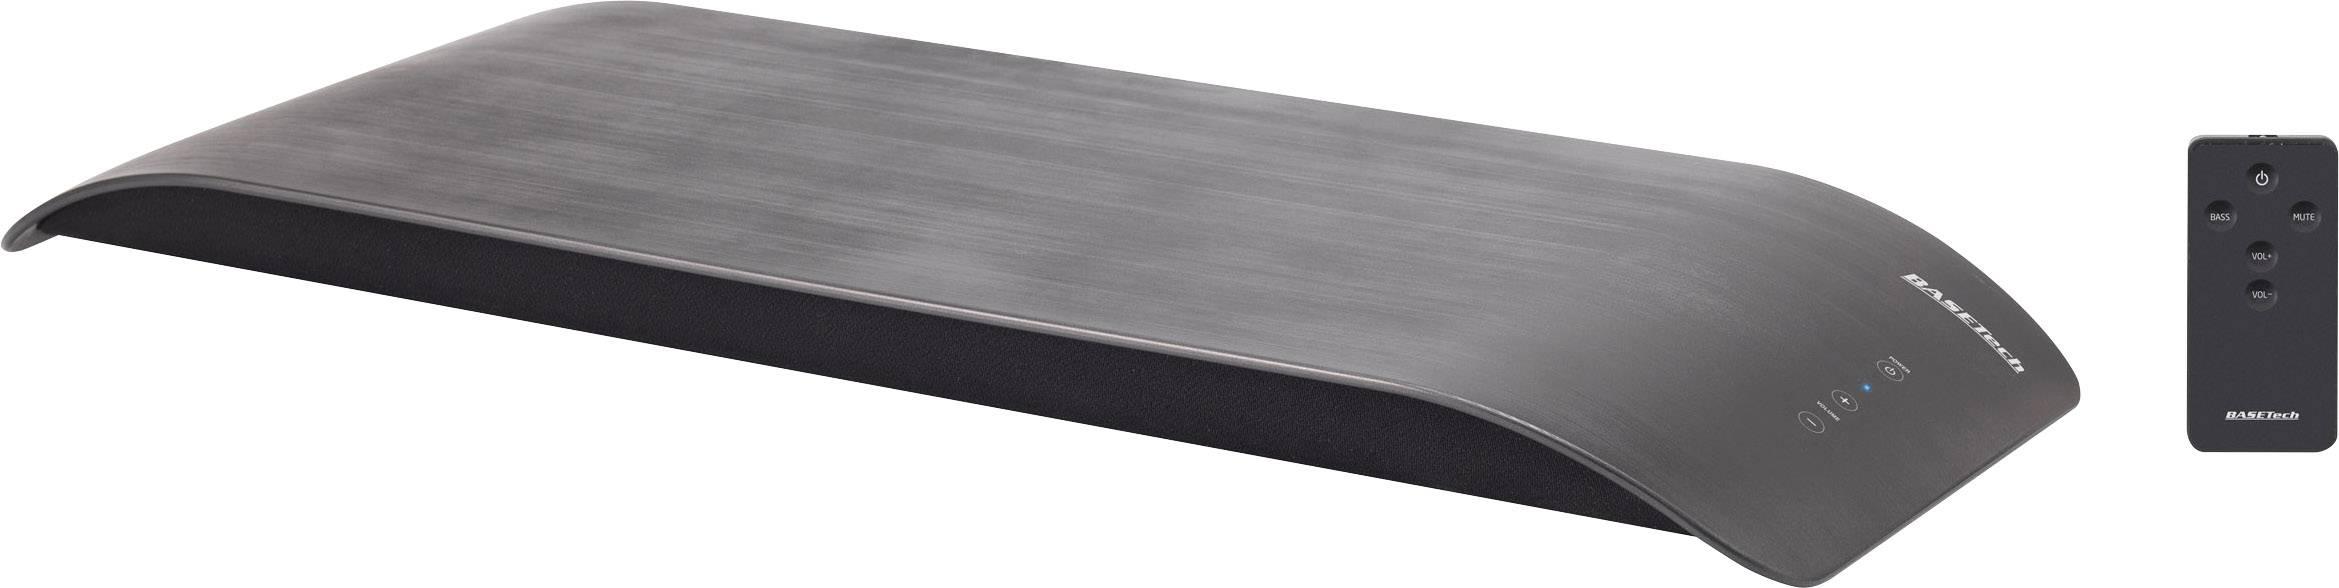 Ultraplochý Soundbase pod TV alebo PC Basetech SB32 čierna